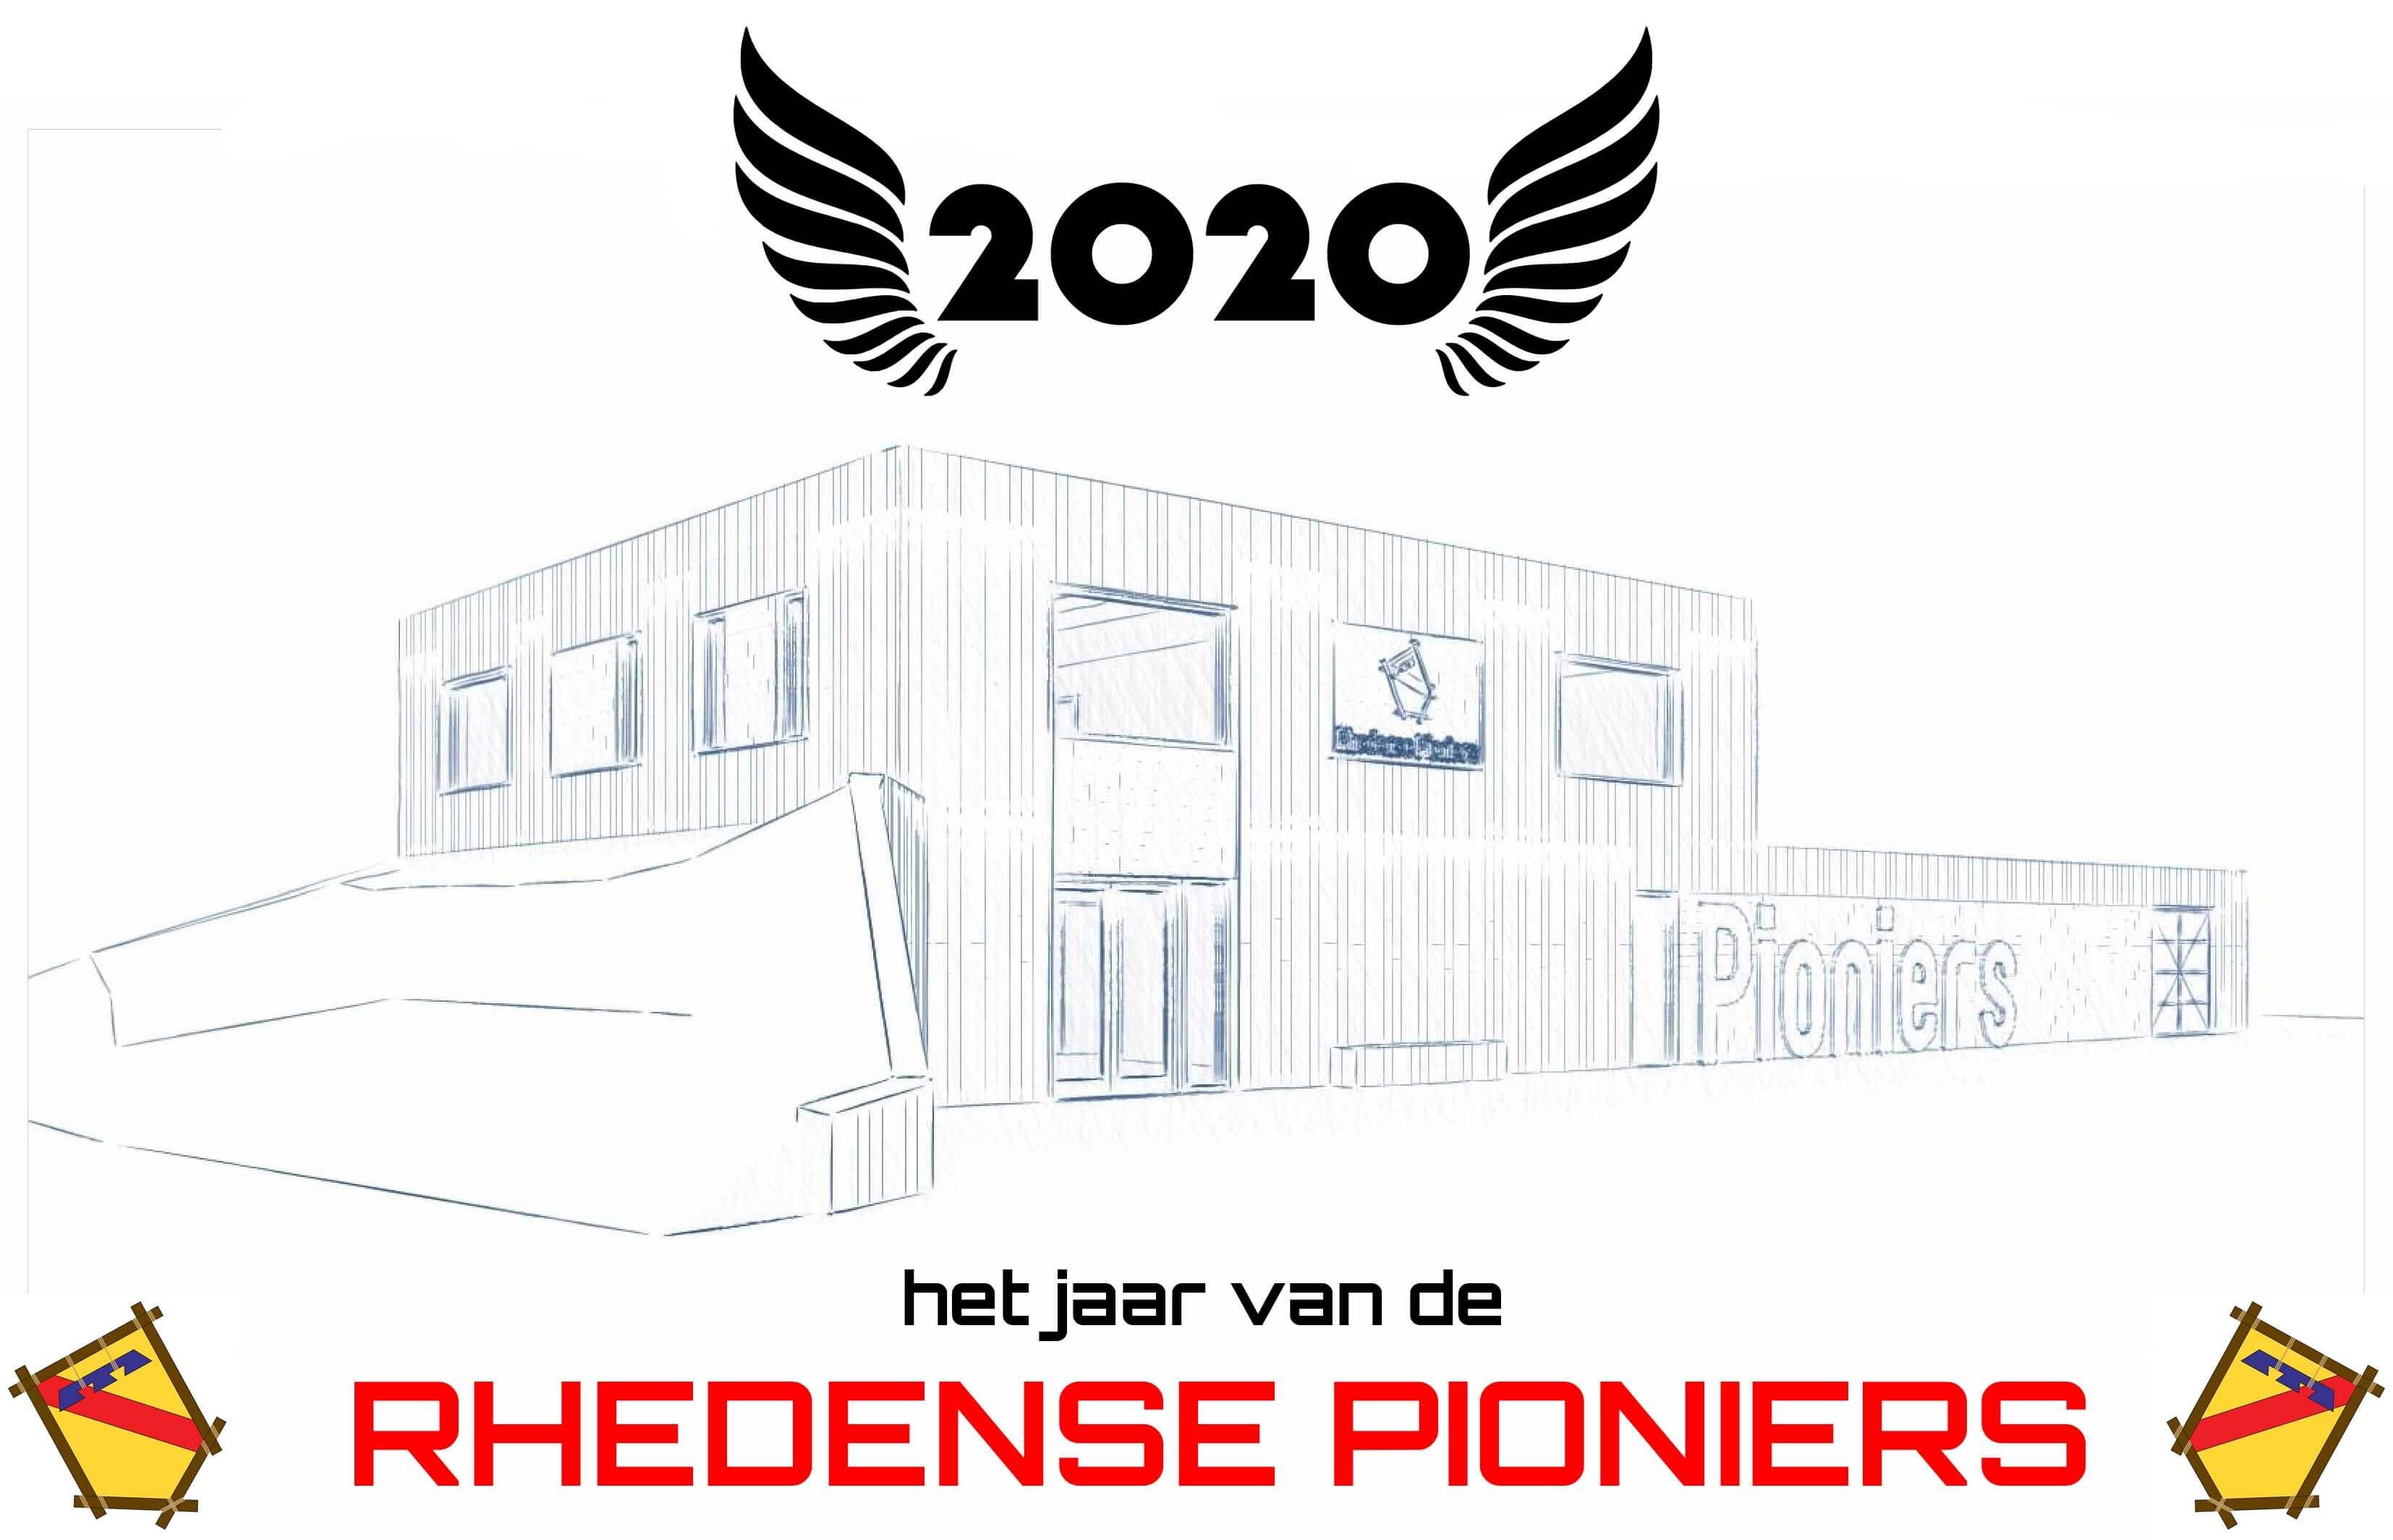 gebouw rhedense pioniers